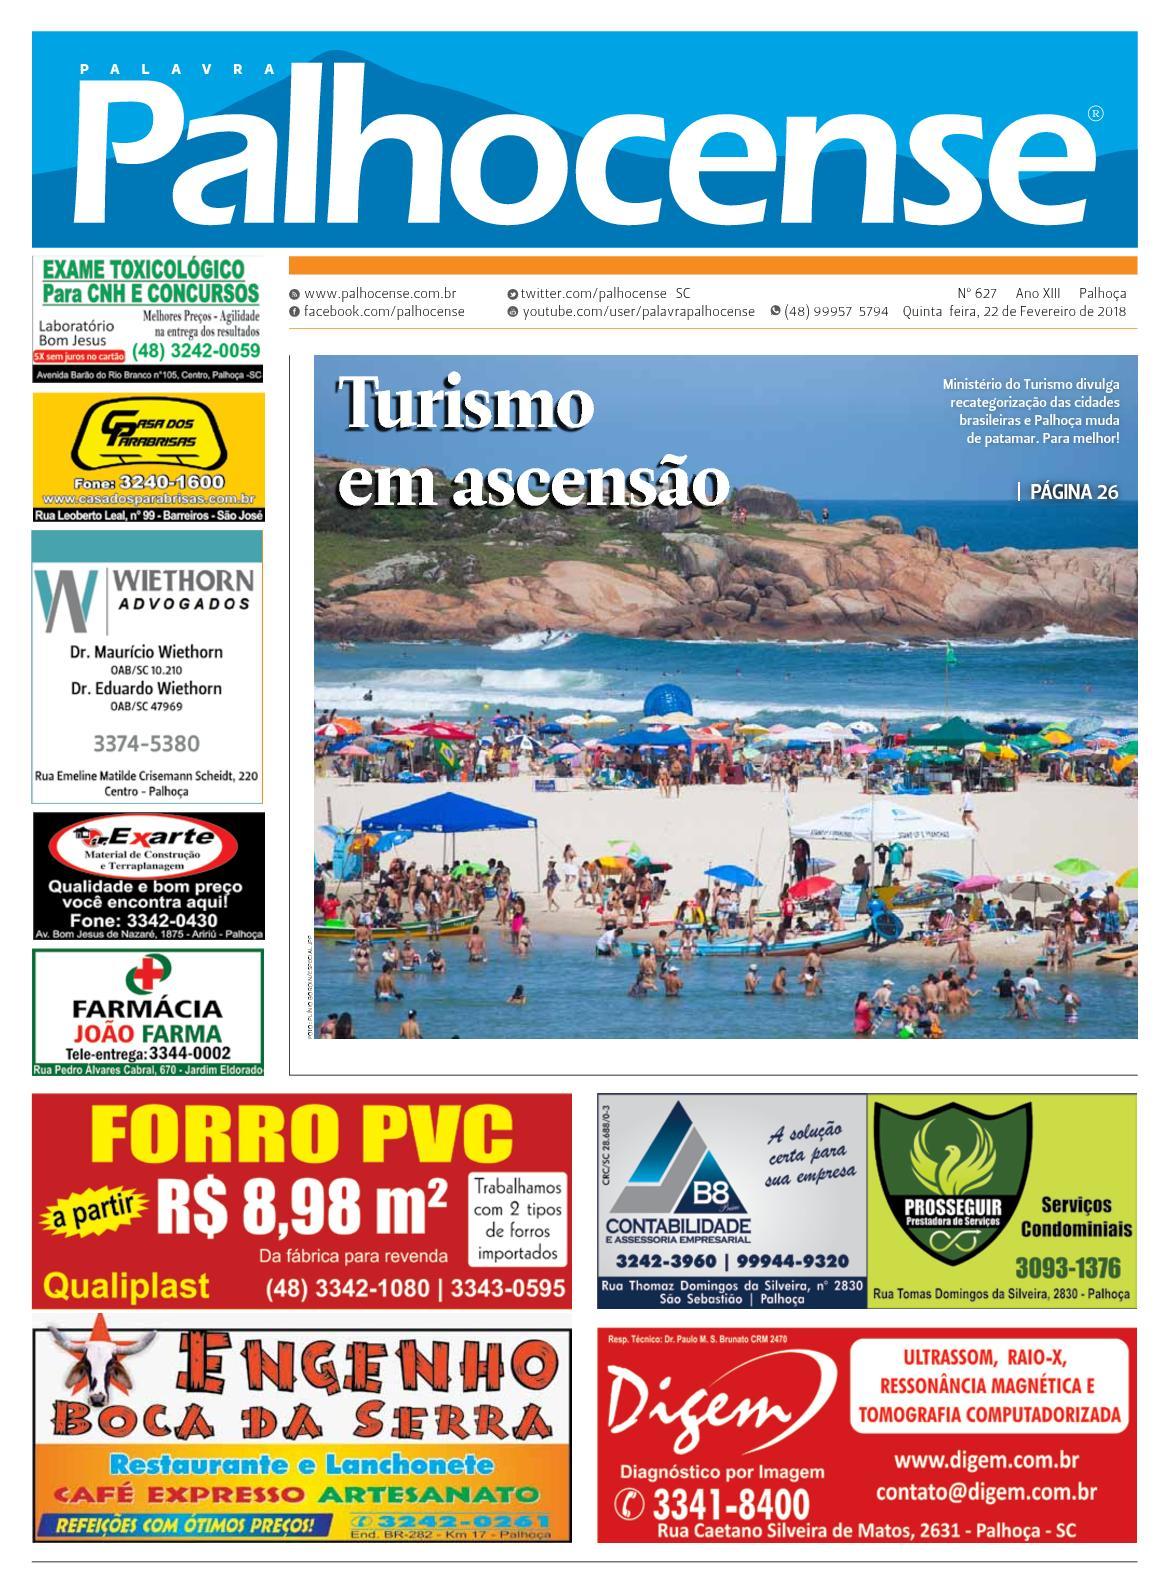 5c9ae55962 Calaméo - JORNAL PALAVRA PALHOCENSE - EDIÇÃO 627